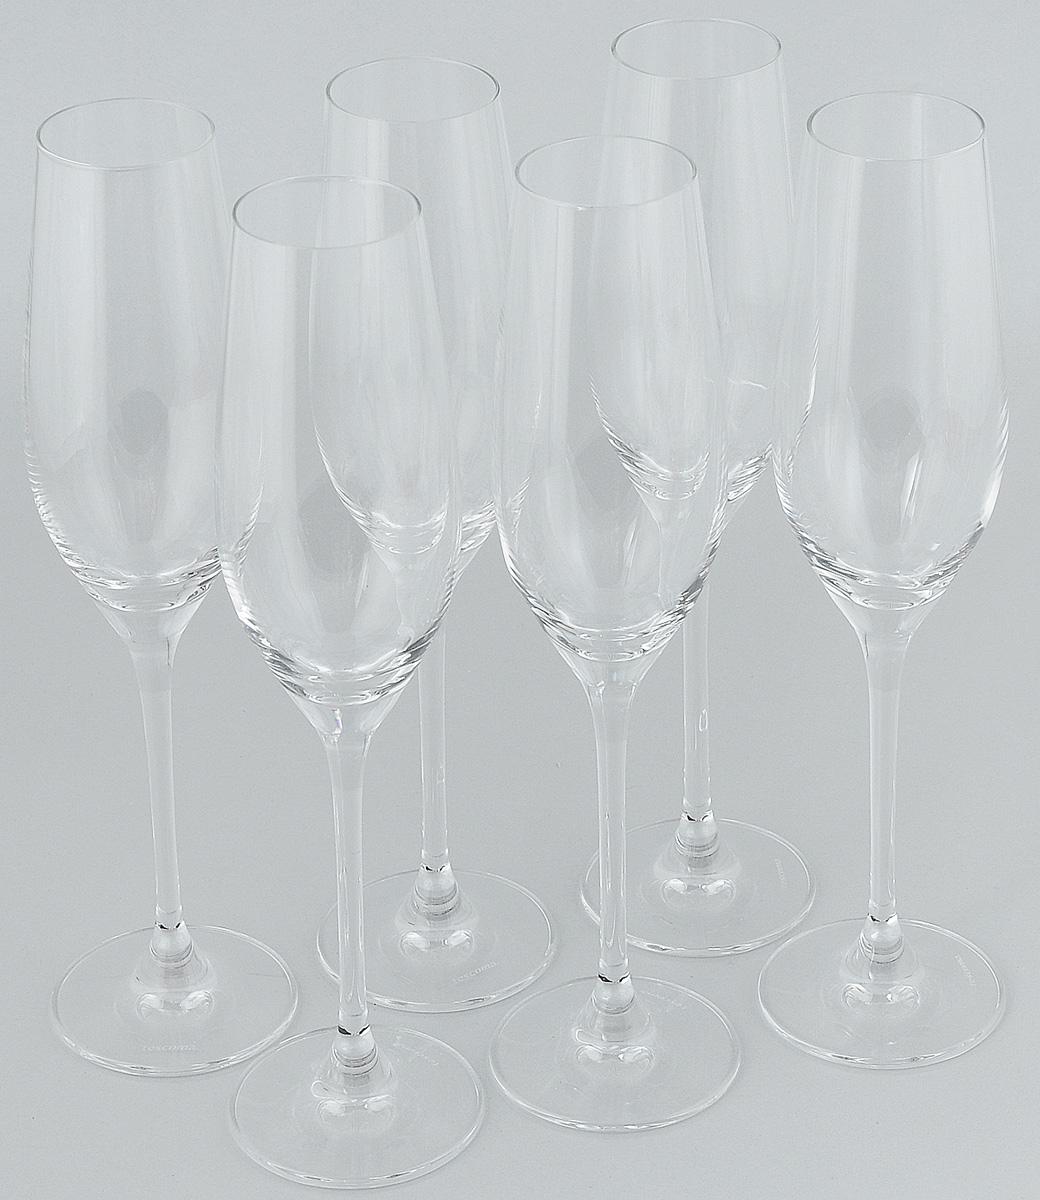 """Набор Tescoma """"Sommelier"""" изготовлен из кристально чистого хрустального стекла, состоит из шести бокалов. Изделия предназначены для подачи  шампанского и других игристых вин. Они сочетают в себе элегантный дизайн и функциональность. Набор бокалов Tescoma """"Sommelier"""" прекрасно оформит праздничный стол и создаст приятную атмосферу за романтическим ужином. Можно мыть в посудомоечной машине.  Объем бокала: 210 мл.  Высота бокала: 25 см."""